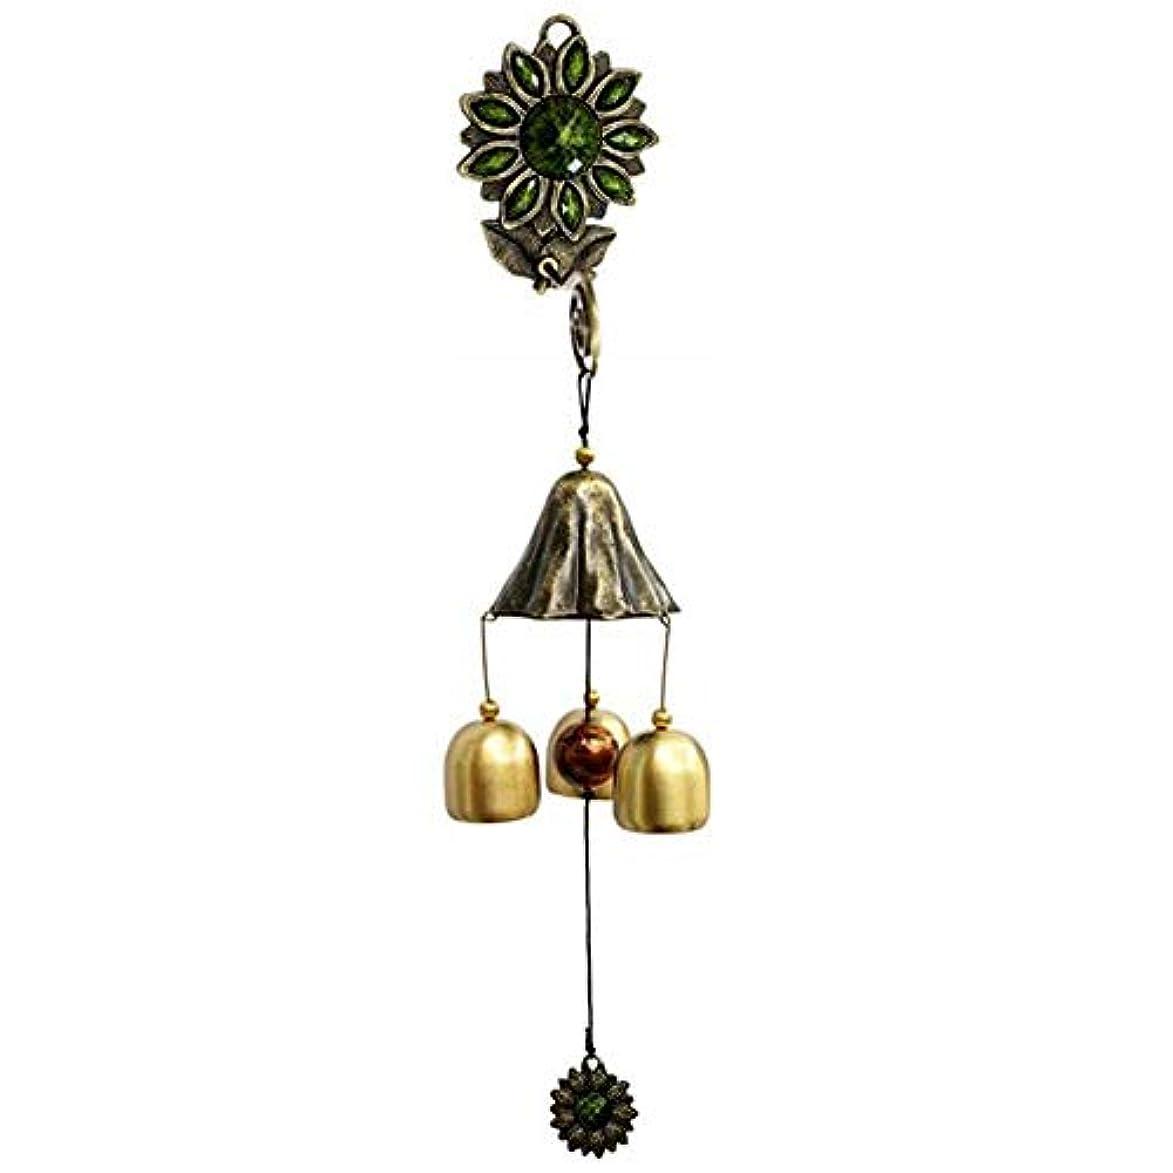 コール知り合いになる地上でYoushangshipin 風チャイム、ガーデンメタルクリエイティブひまわり風の鐘、グリーン、全長約35CM,美しいギフトボックス (Color : Green)